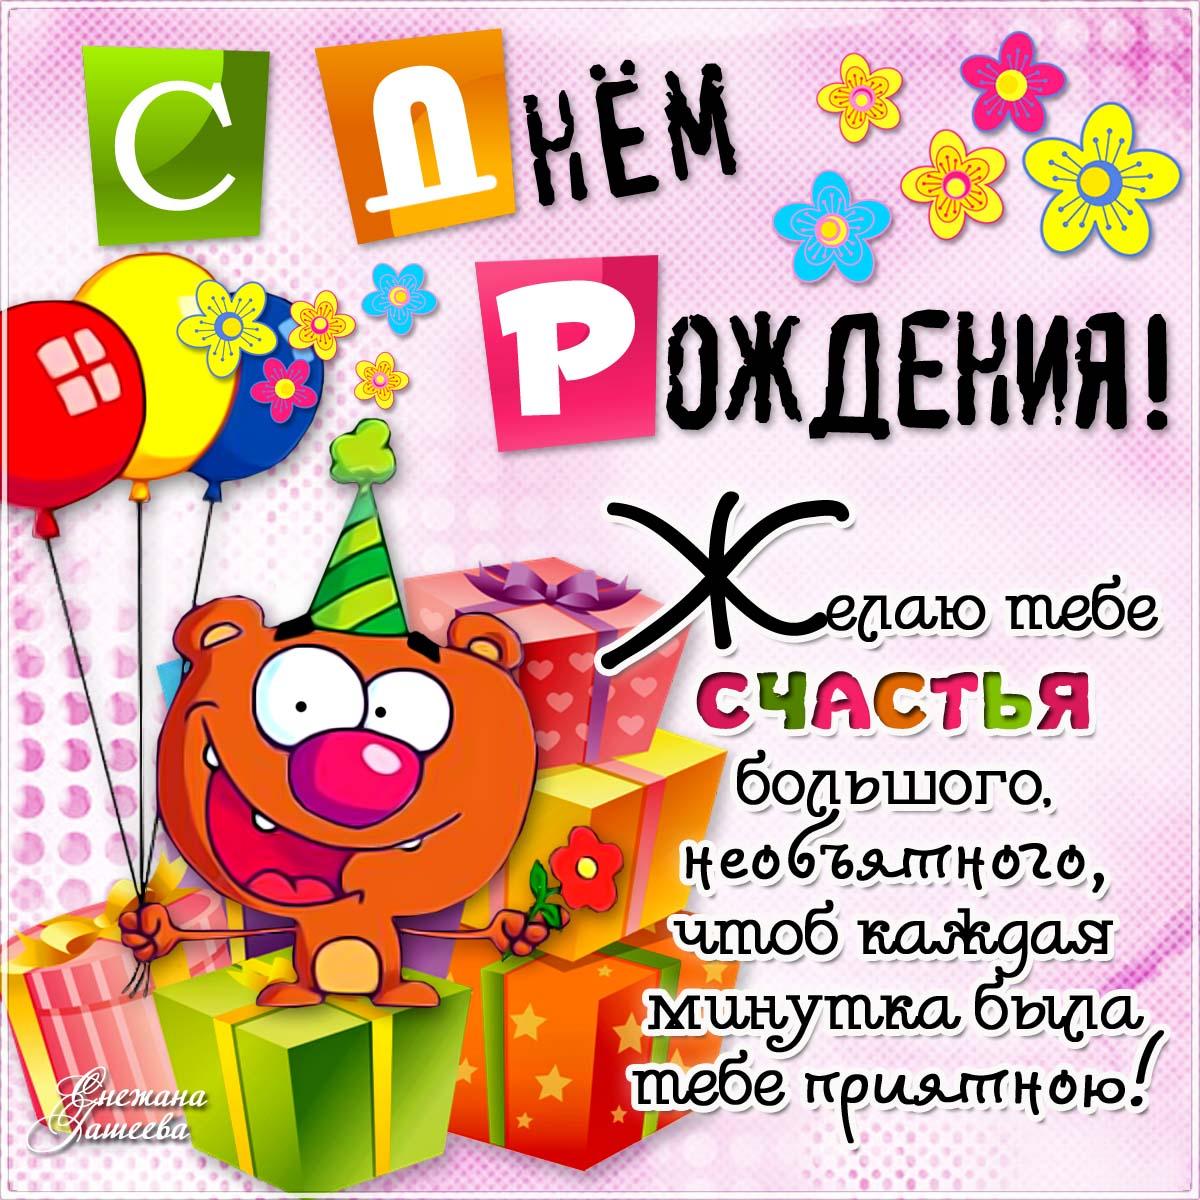 С днем рождения в сентябре картинки (18)